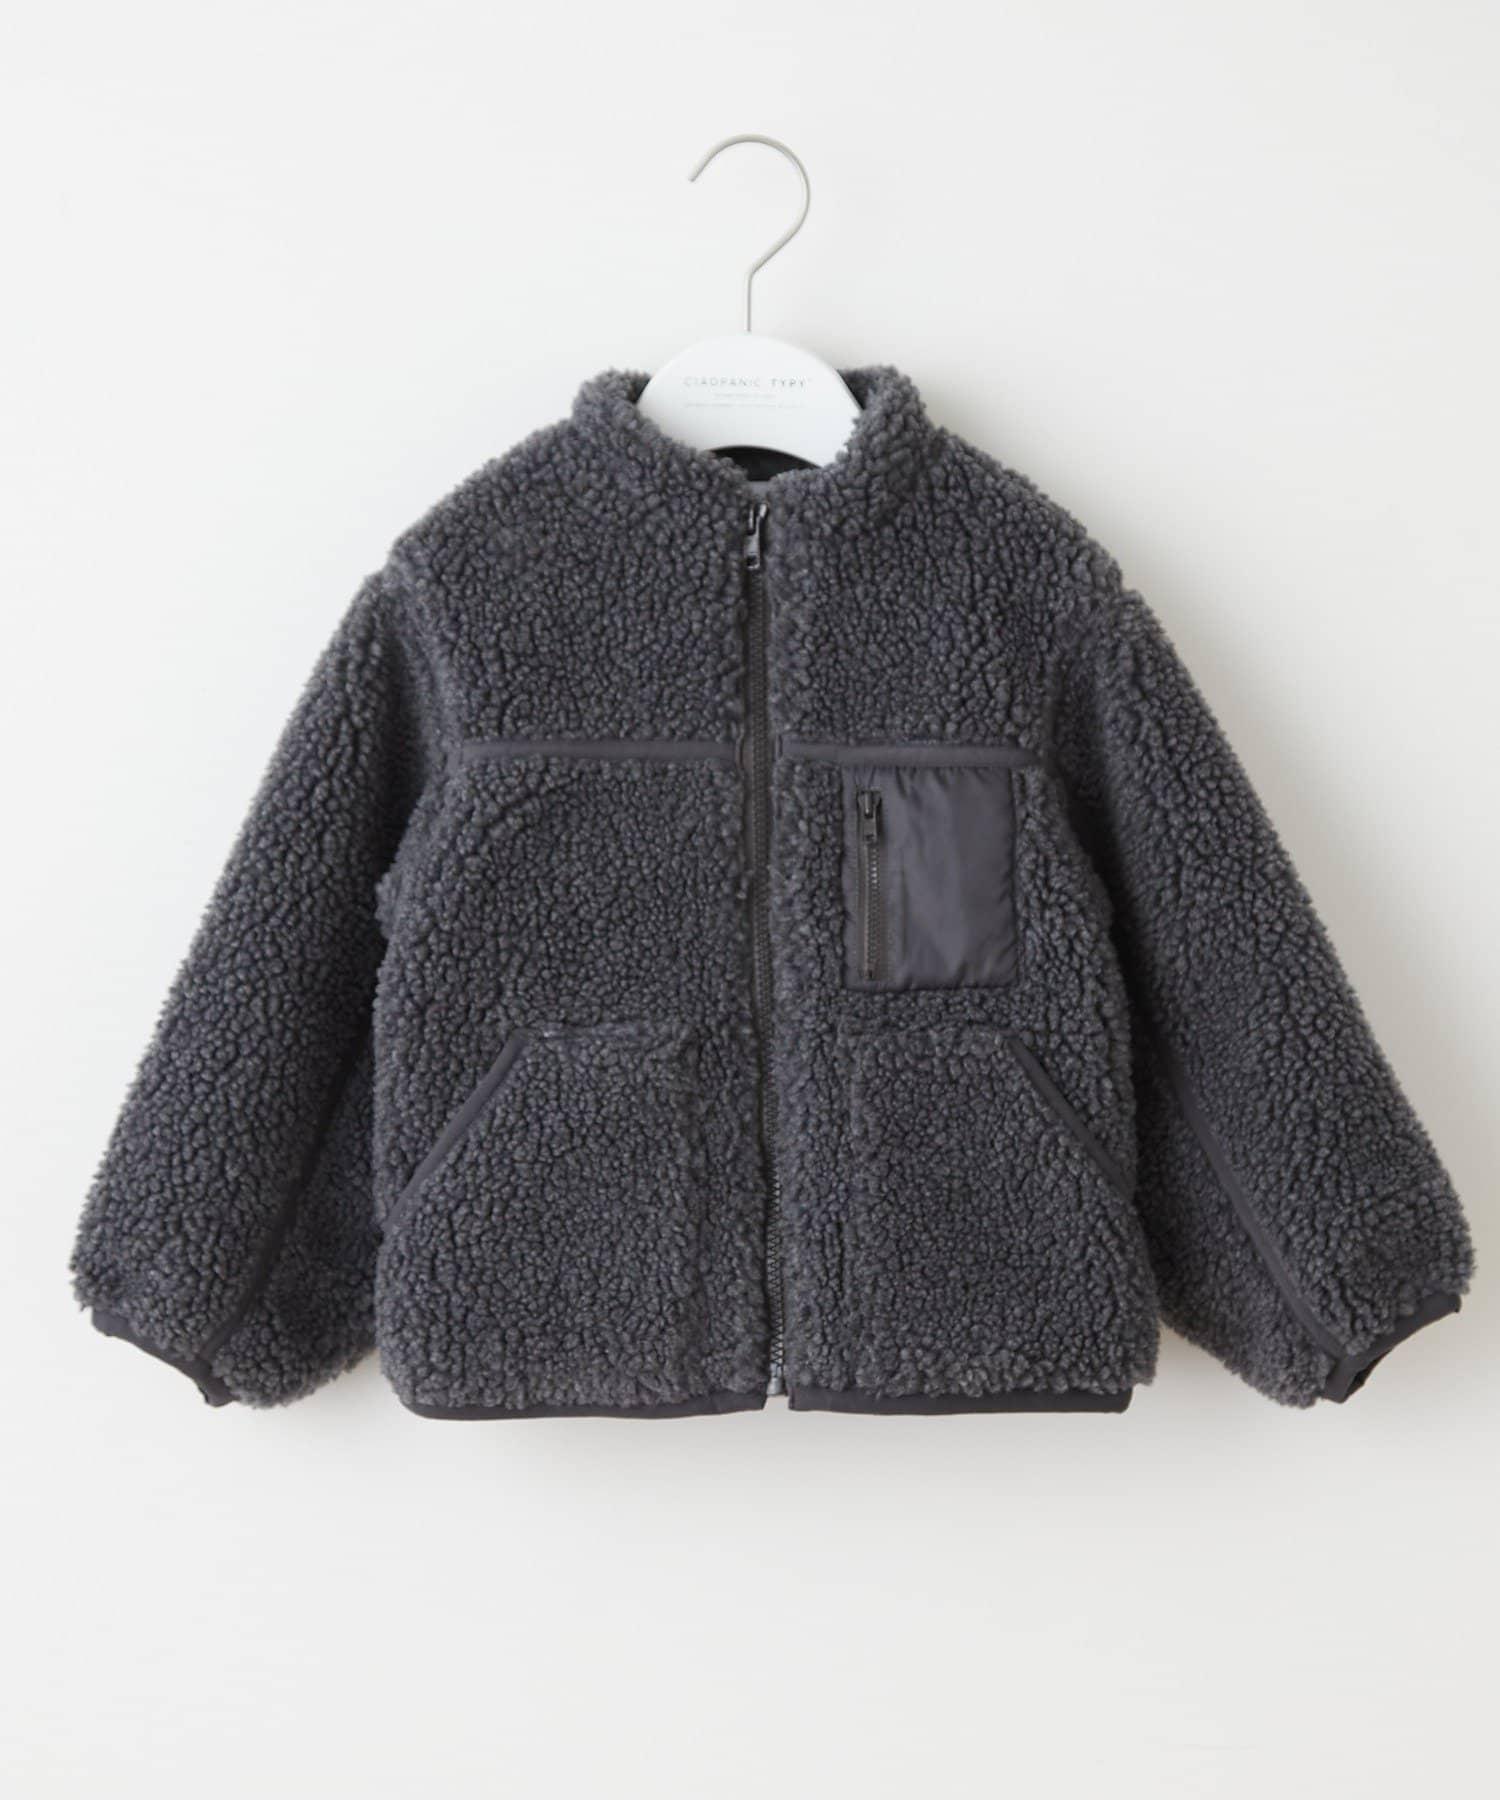 CIAOPANIC TYPY(チャオパニックティピー) 【KIDS】OSOROパイピングボアジャケット